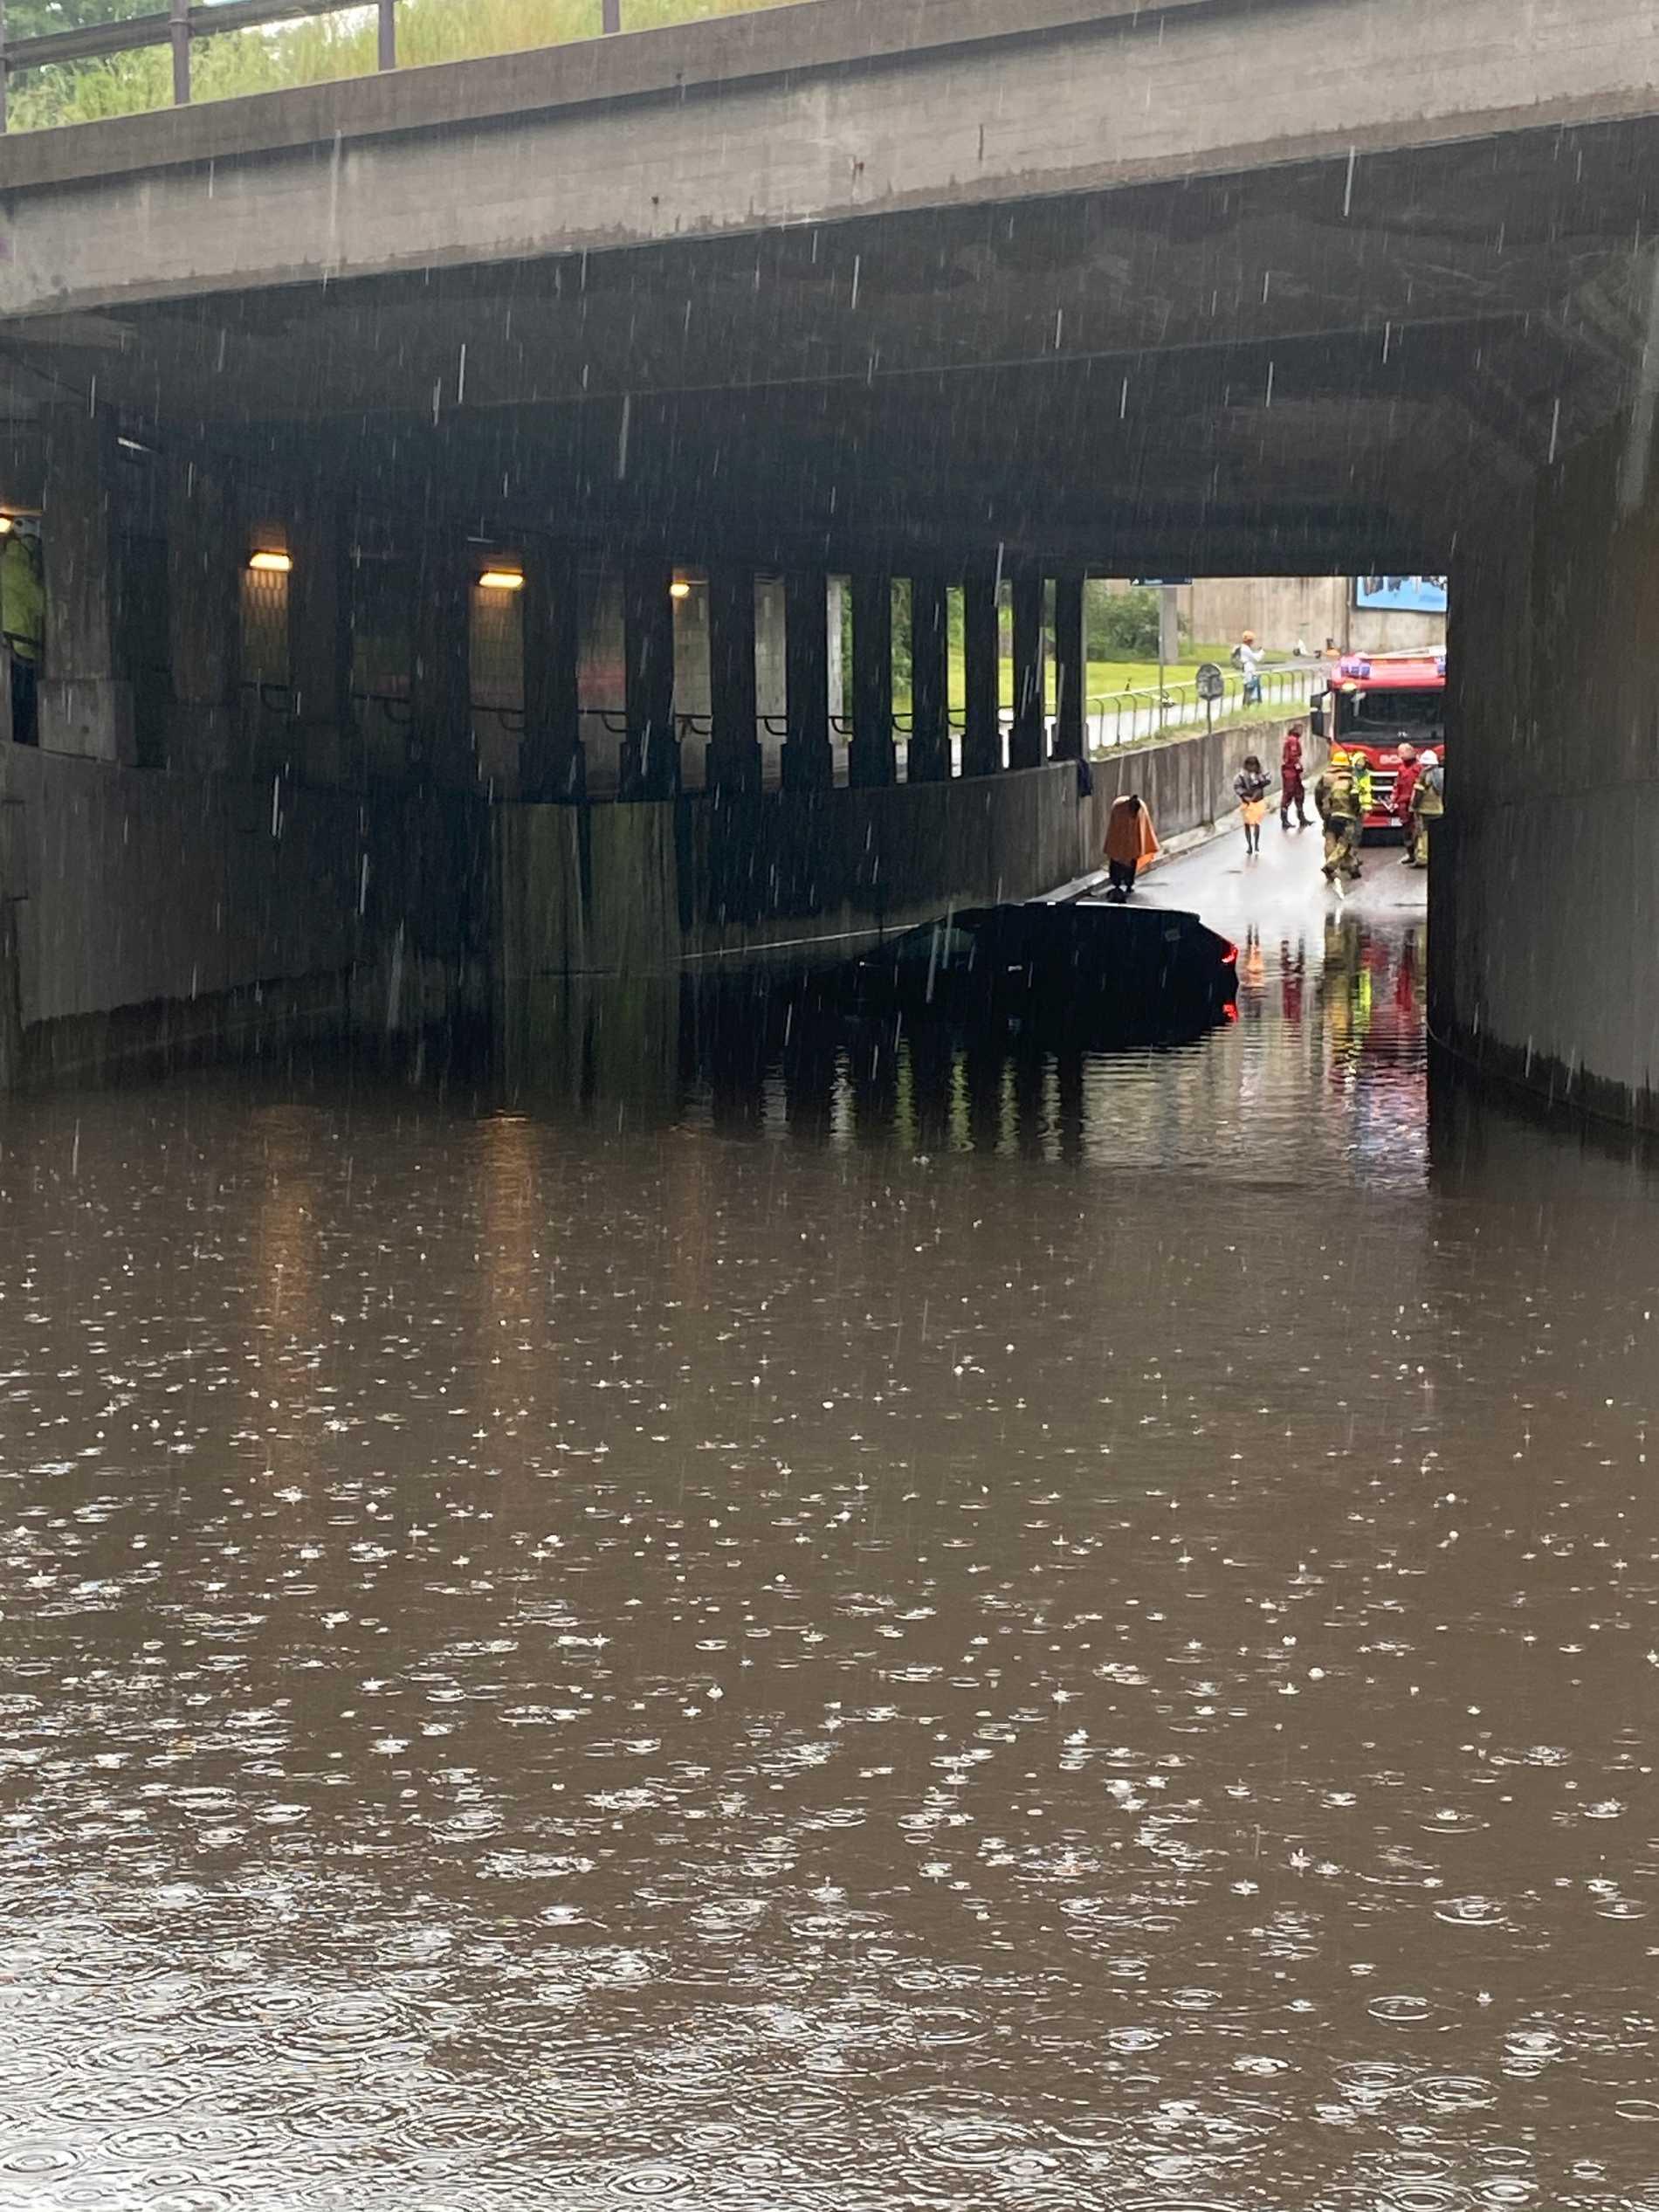 I en tunnel i Liljeholmen har en bil fastnat i vattenmassorna.